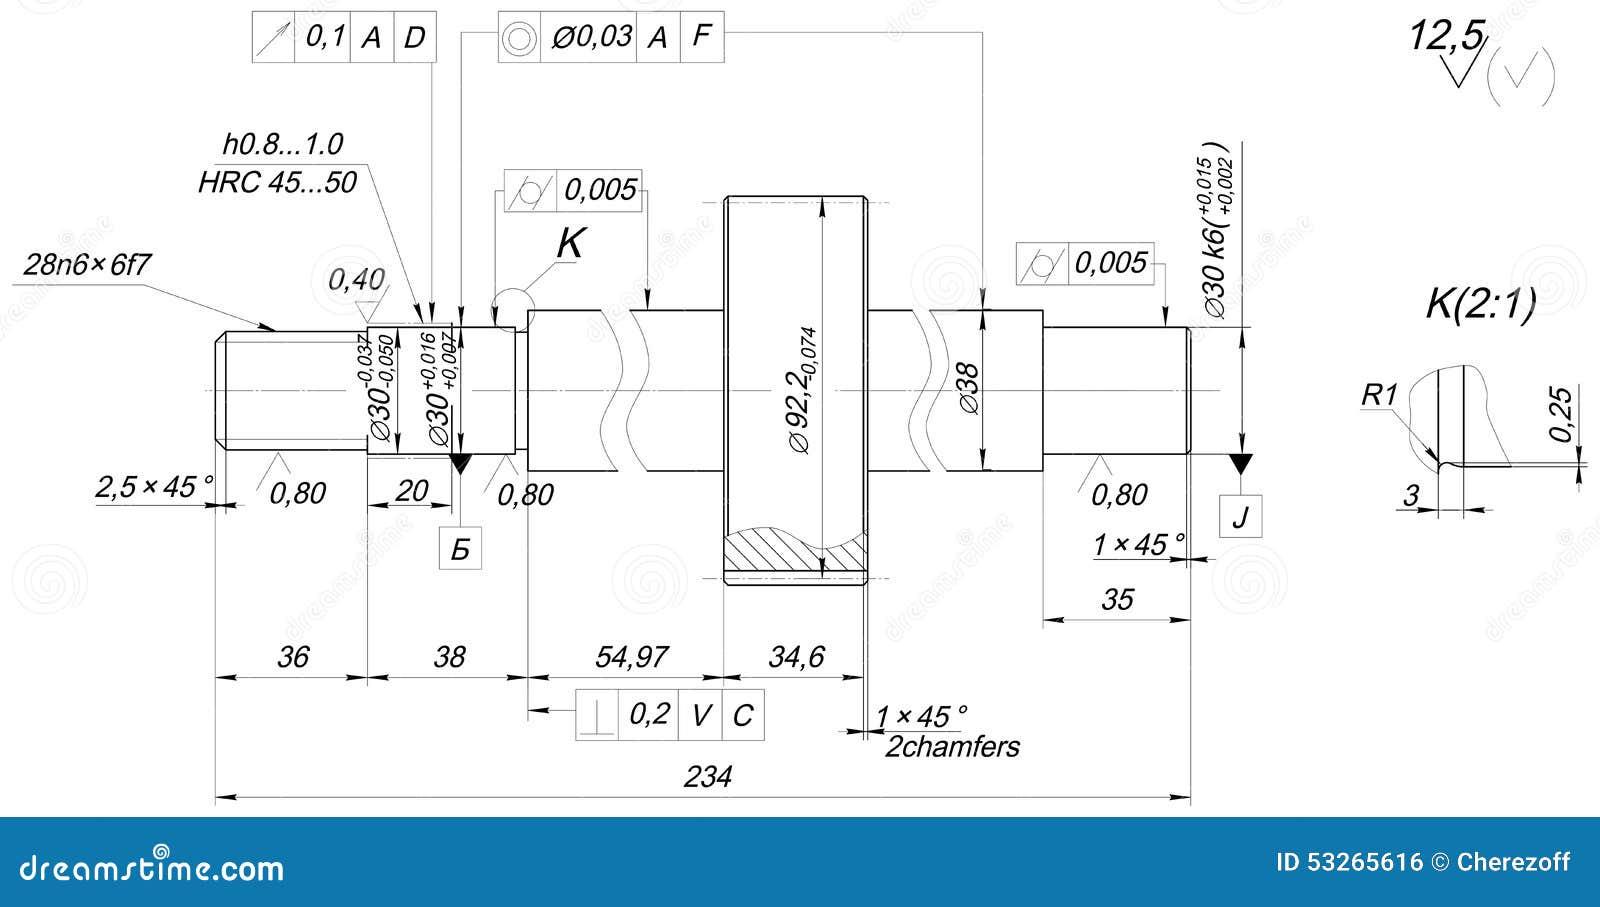 wellenskizze mit abschr gungen technische. Black Bedroom Furniture Sets. Home Design Ideas